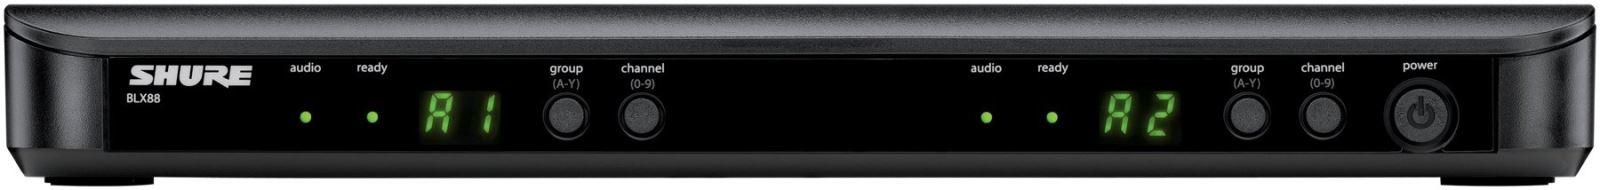 Bộ thu và phát kèm micro không dây Shure BLX288A/BETA58A